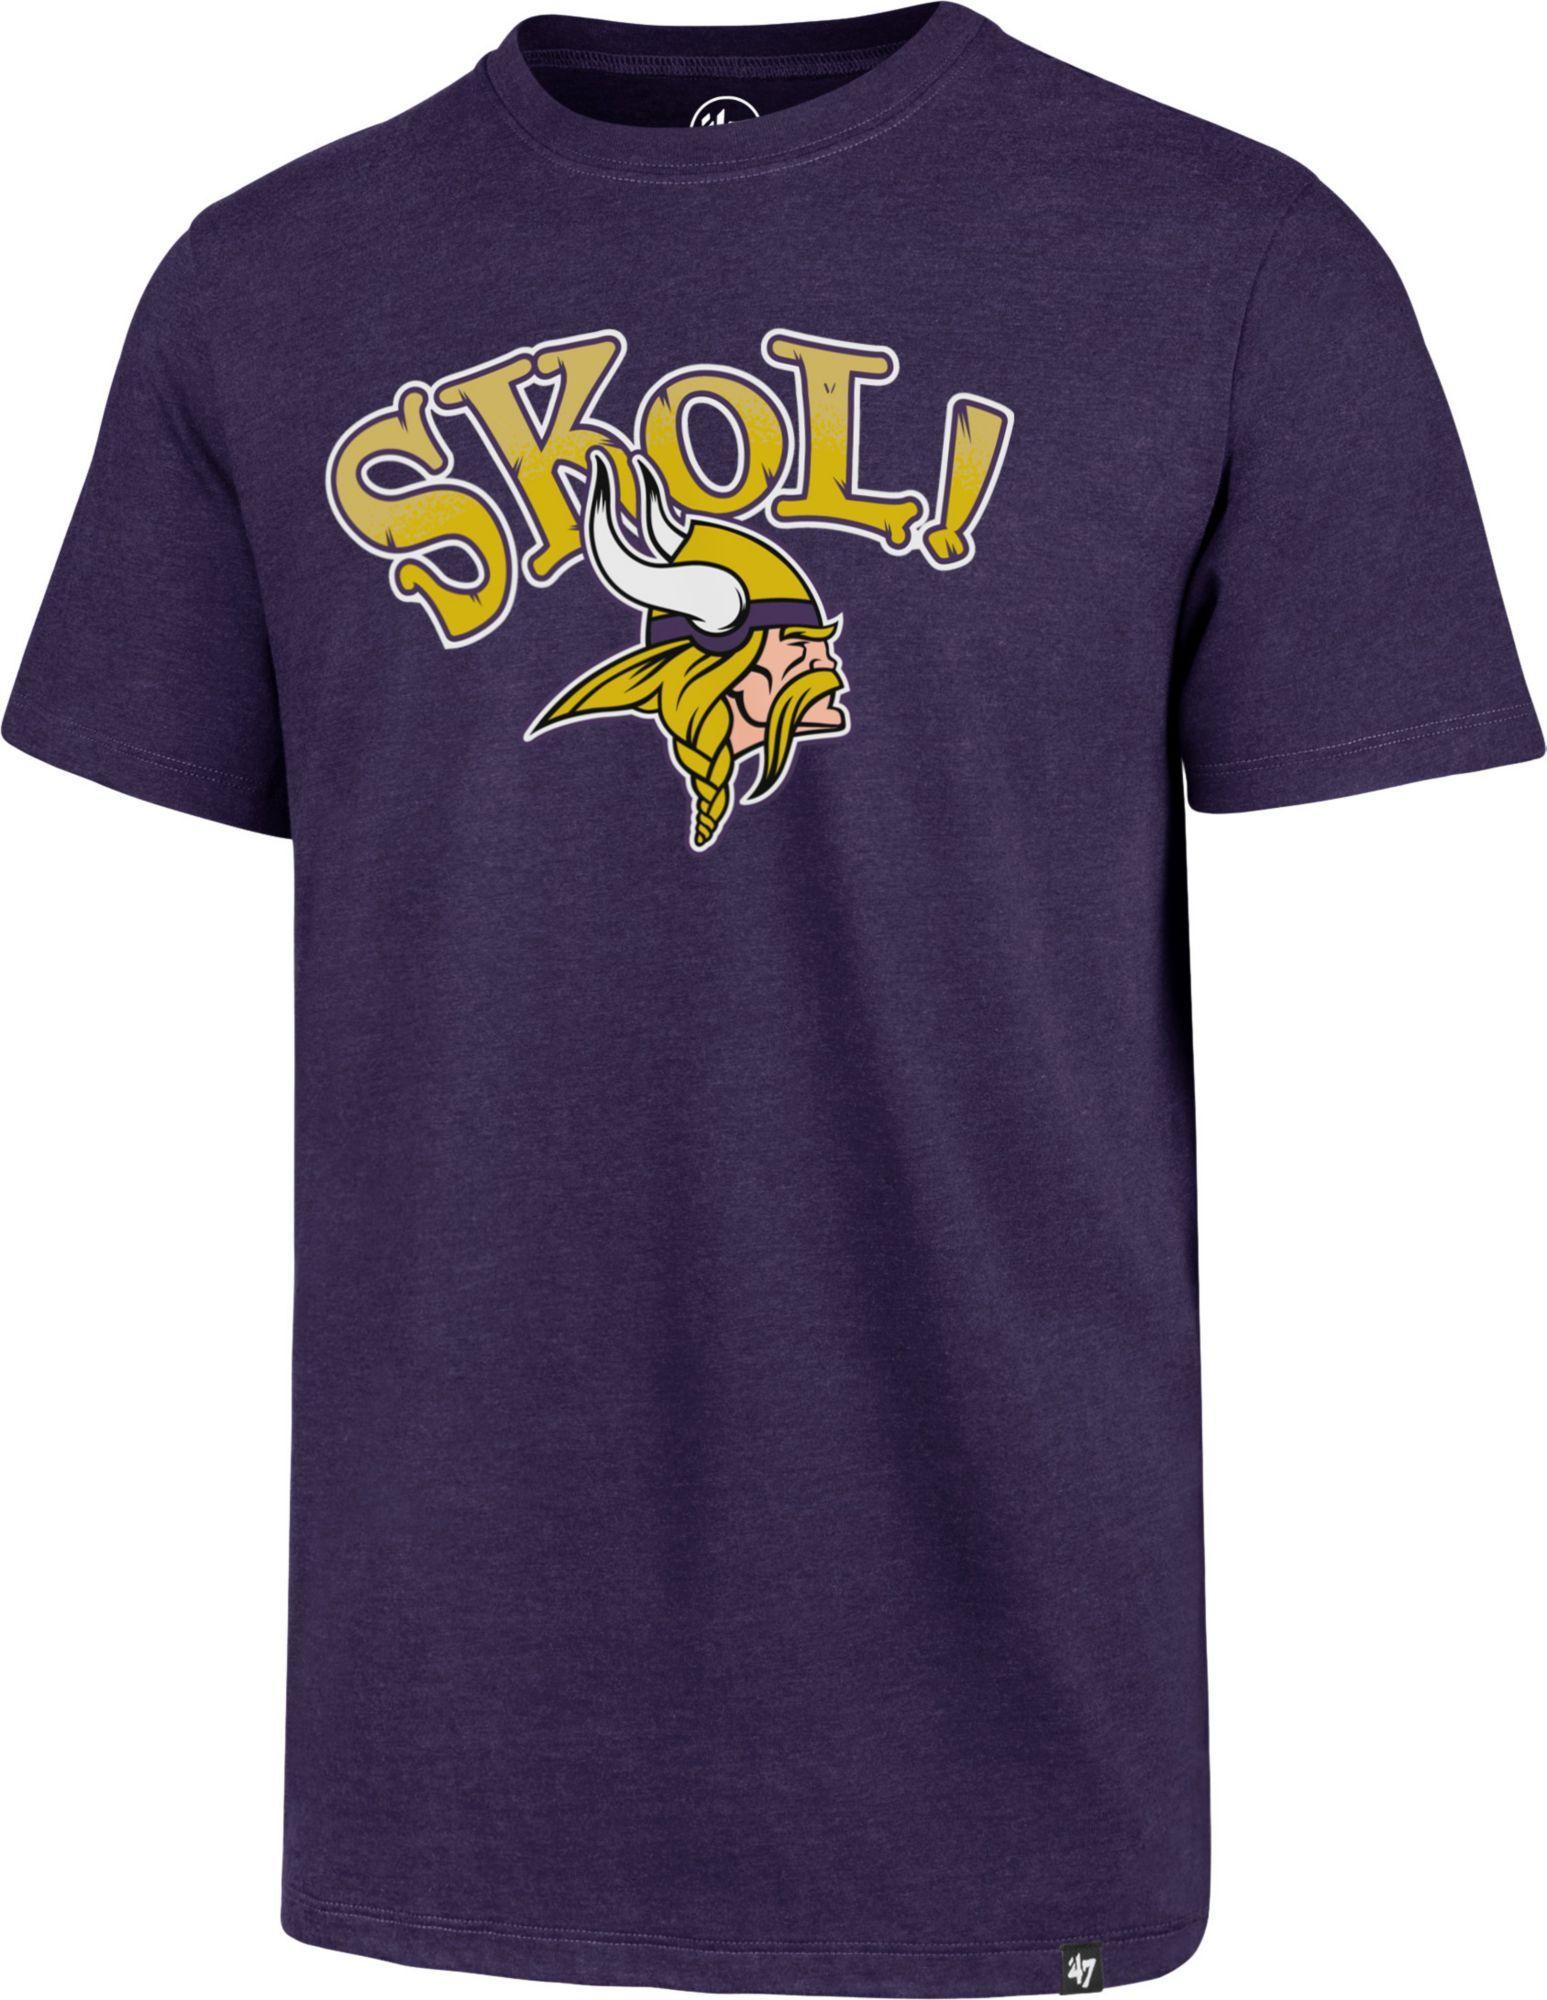 a762517d 47 Men's Minnesota Skol! Purple T-Shirt | Products | Purple t shirts ...